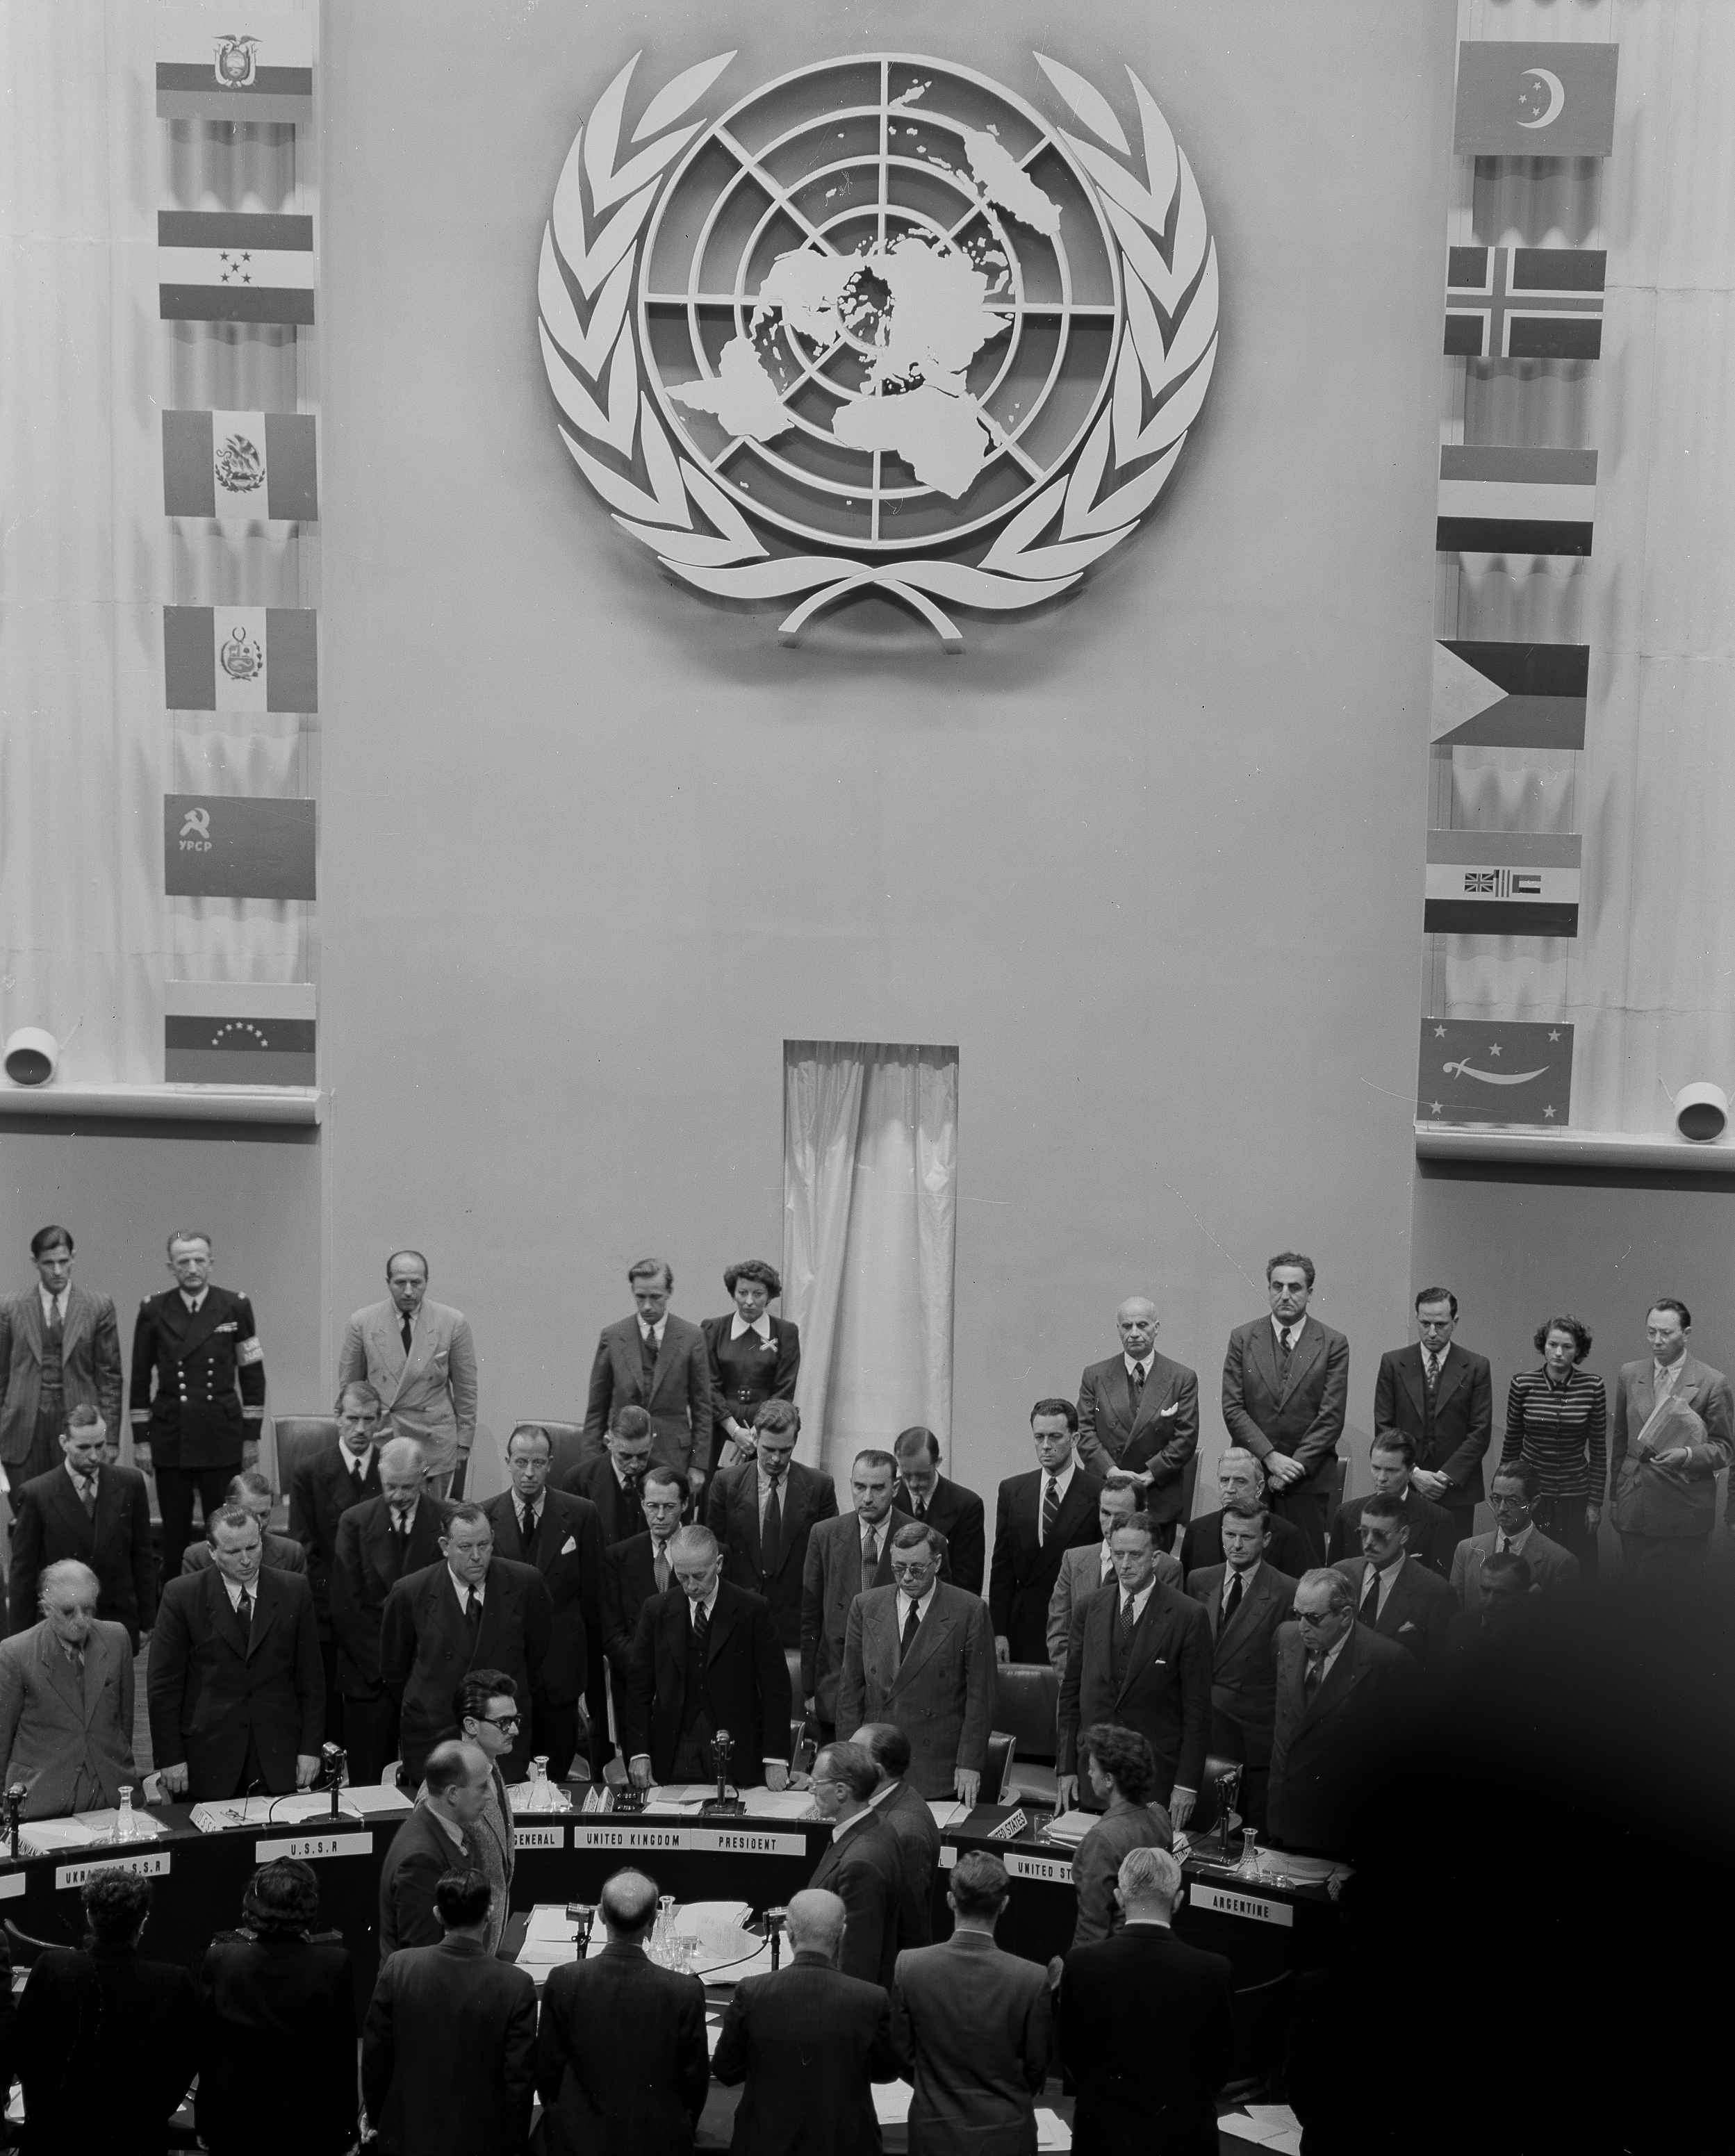 Совет Безопасности Организации Объединенных Наций, собравшийся в Париже 18 сентября 1948 года, о время минуты молчания в память  графа Фольке Бернадота из Швеции, который был убит в Иерусалиме 17 сентября